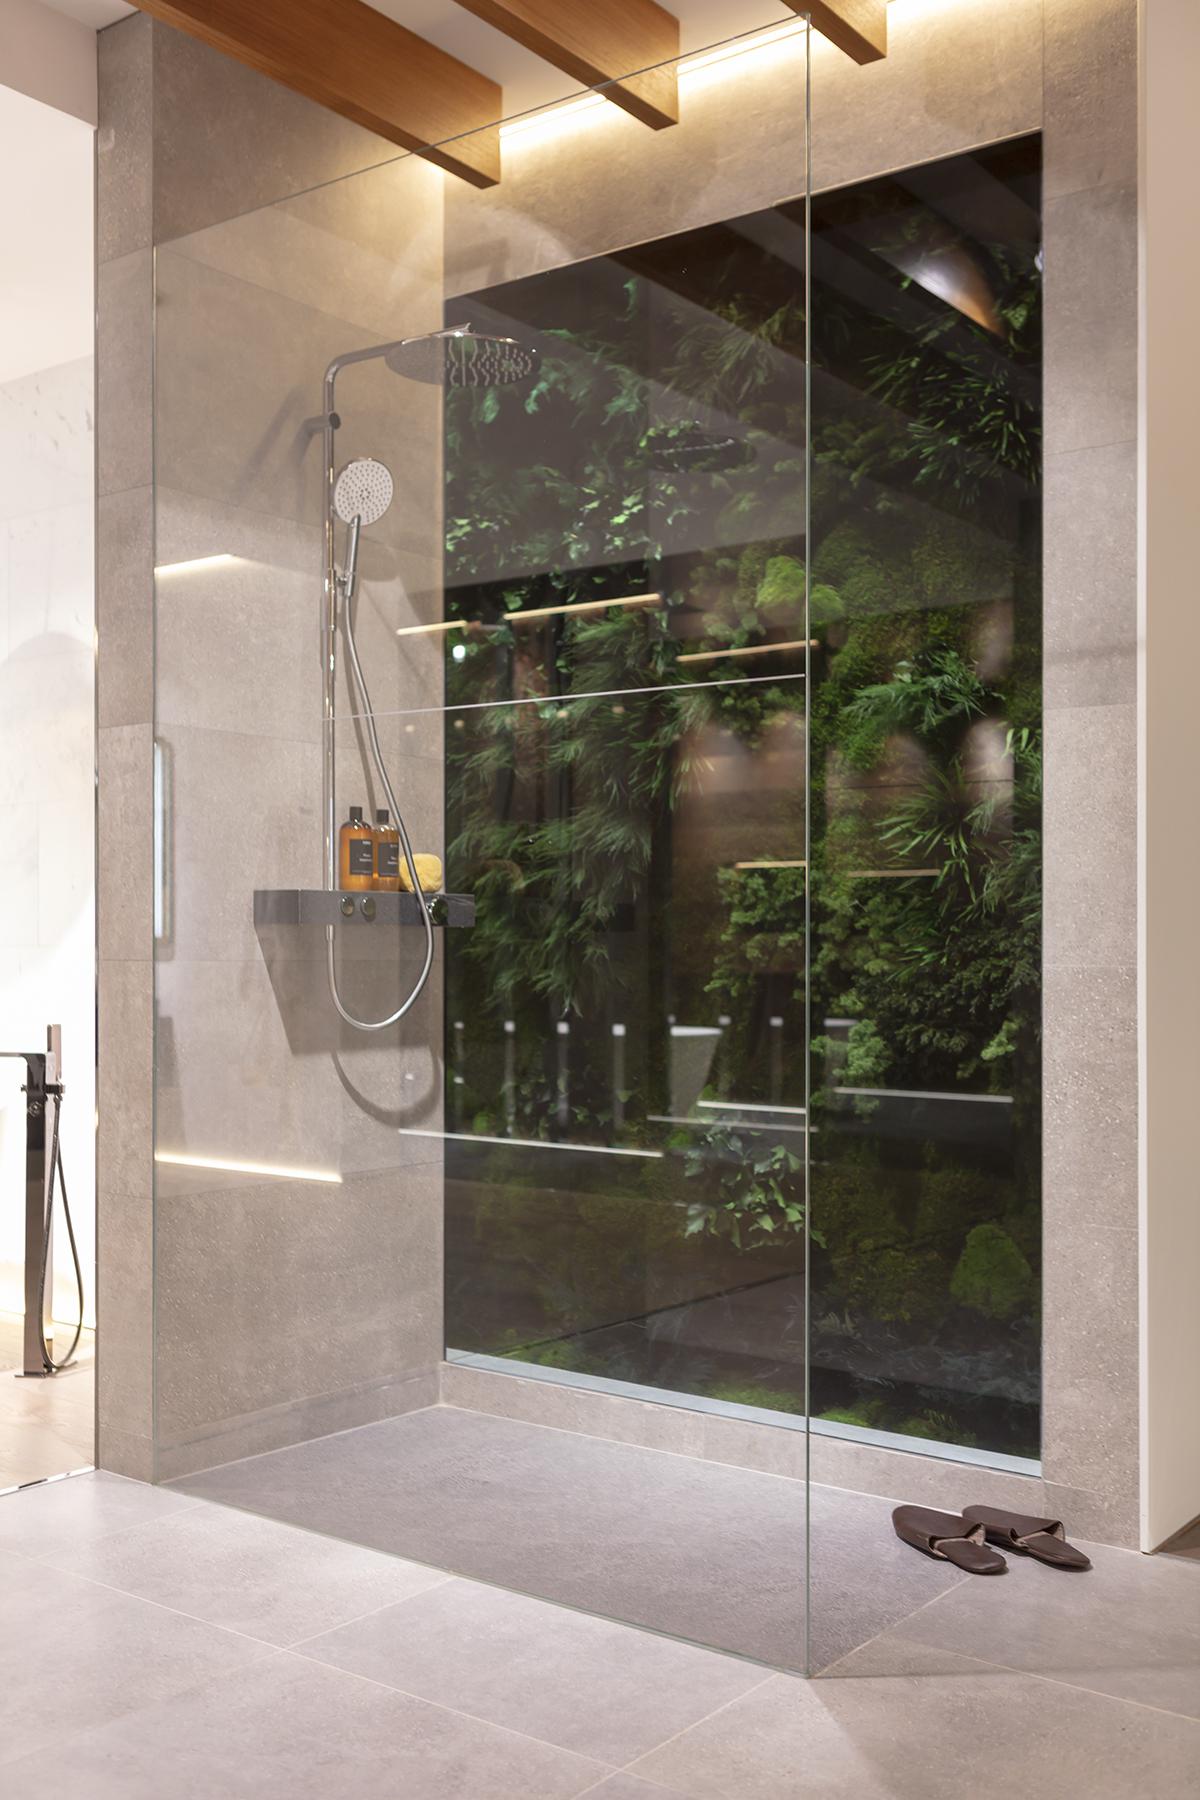 jardin-vertical-dentro-bañera